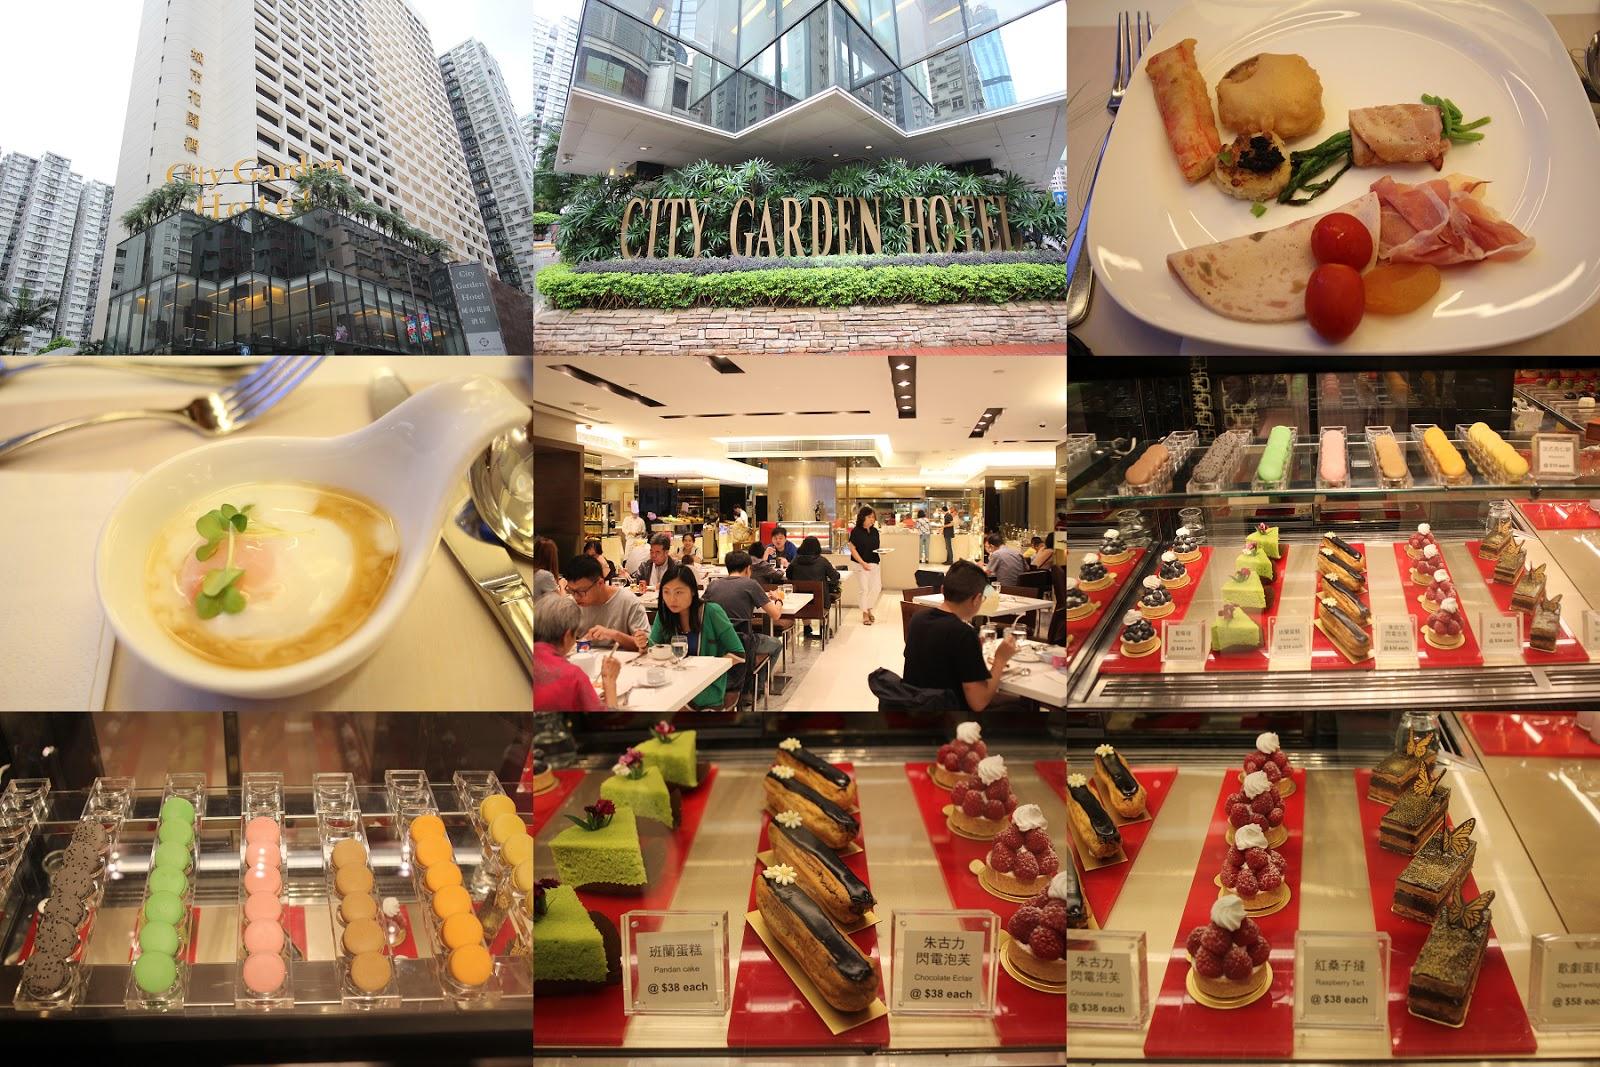 北角 城市花園酒店 豐富自助餐 綠茵閣 品嚐高質素 海鮮熟食甜品 | 林公子 | 品味生活 - fanpiece